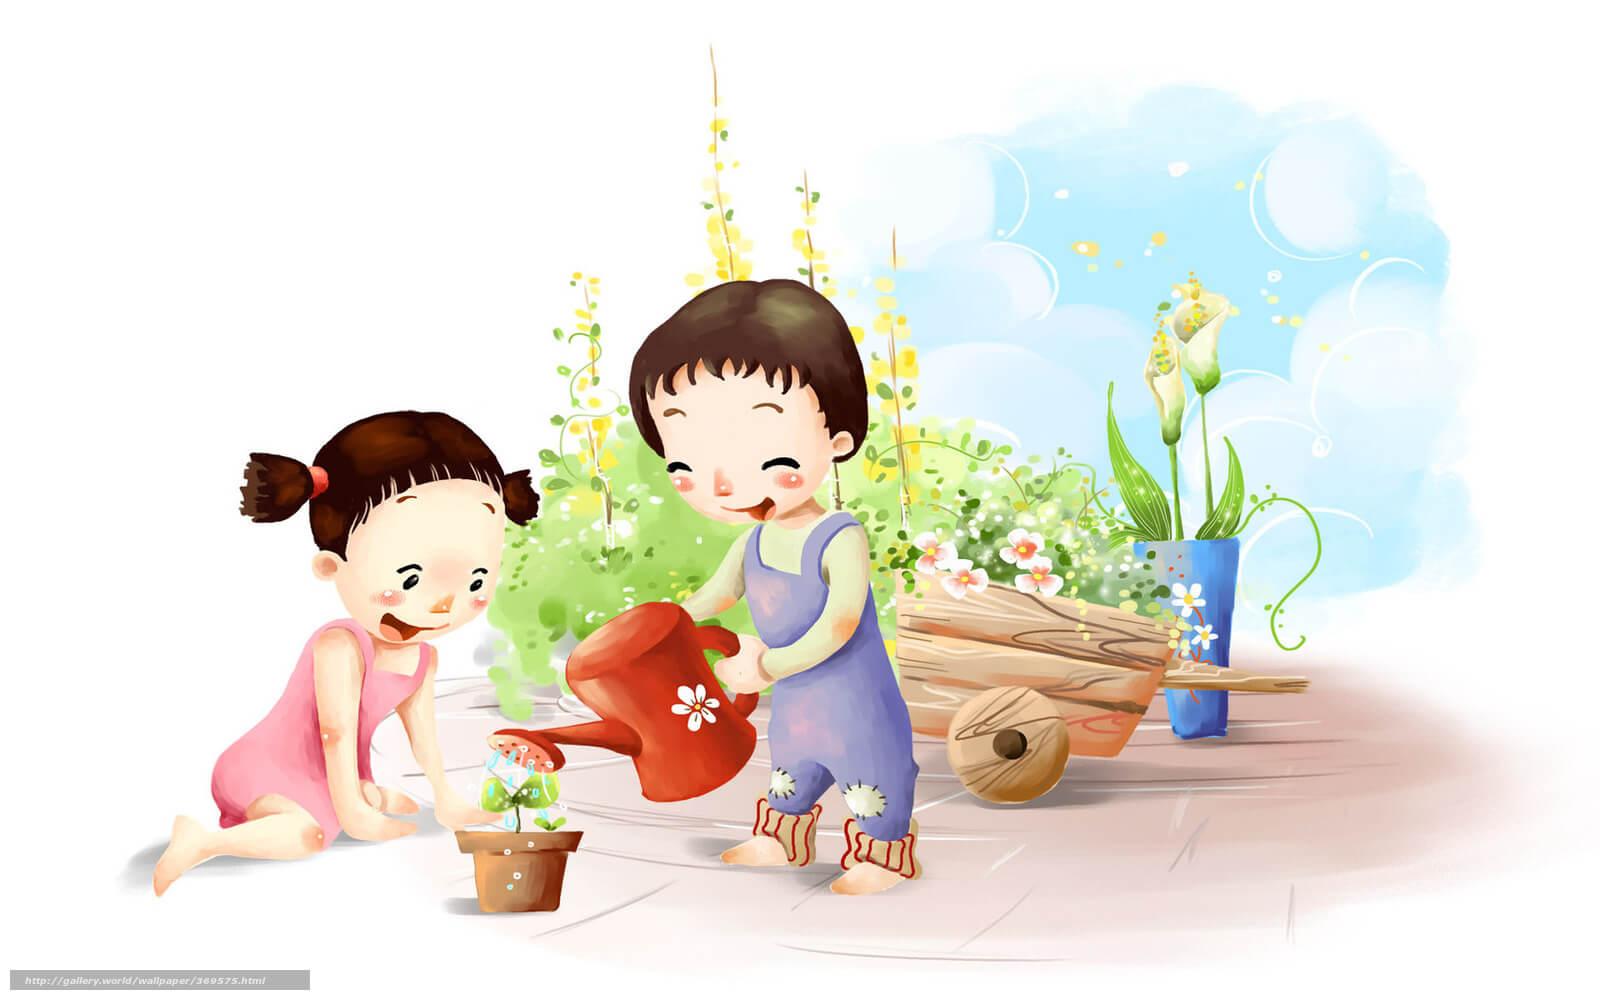 Картинки про детей в детском саду - рисунки, арты 5